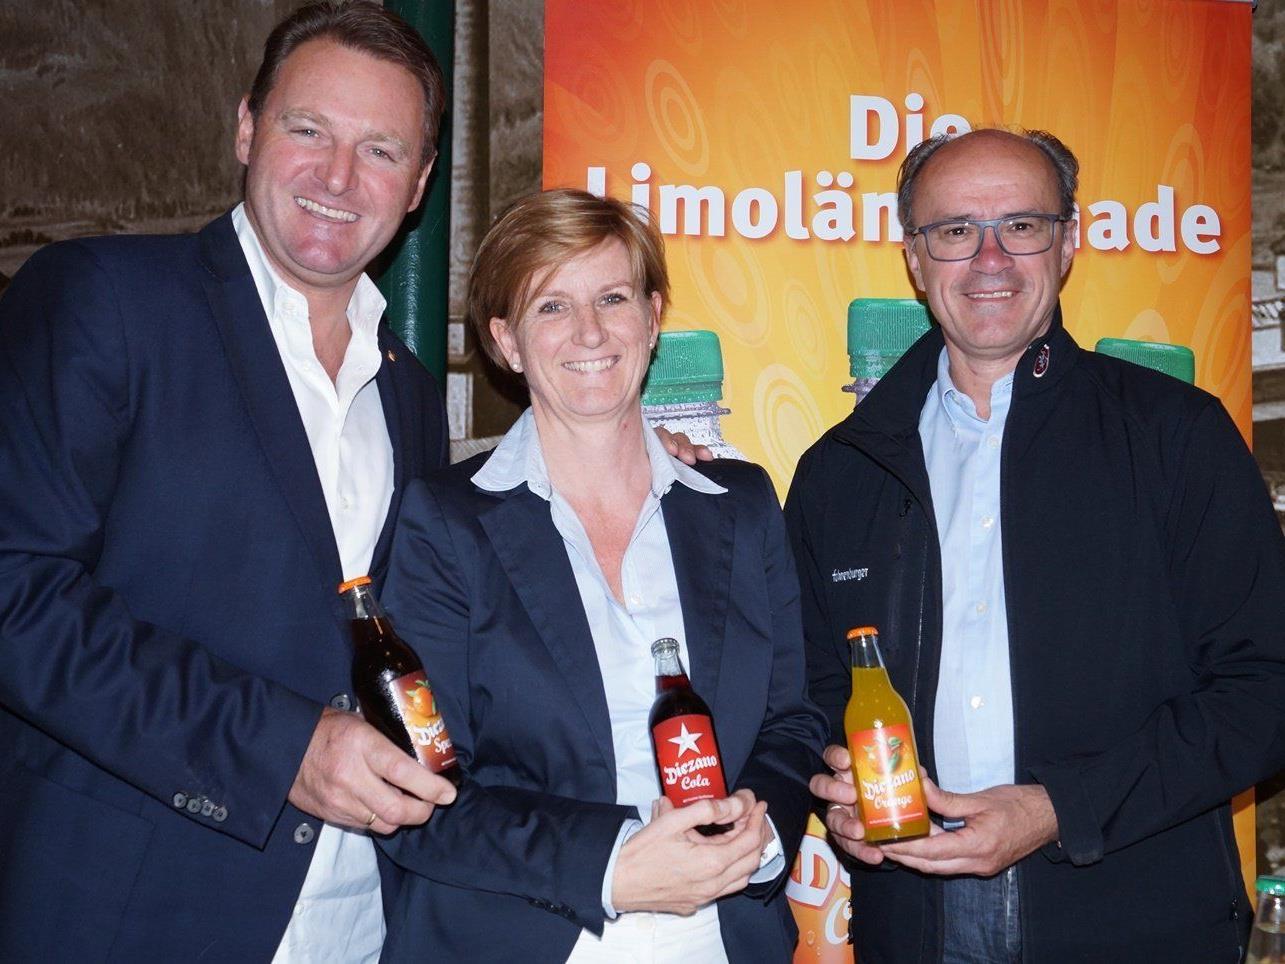 Die Brauerei Fohrenburger und der VSV verlängerten ihre Sponsorvereinbarung um drei Jahre.